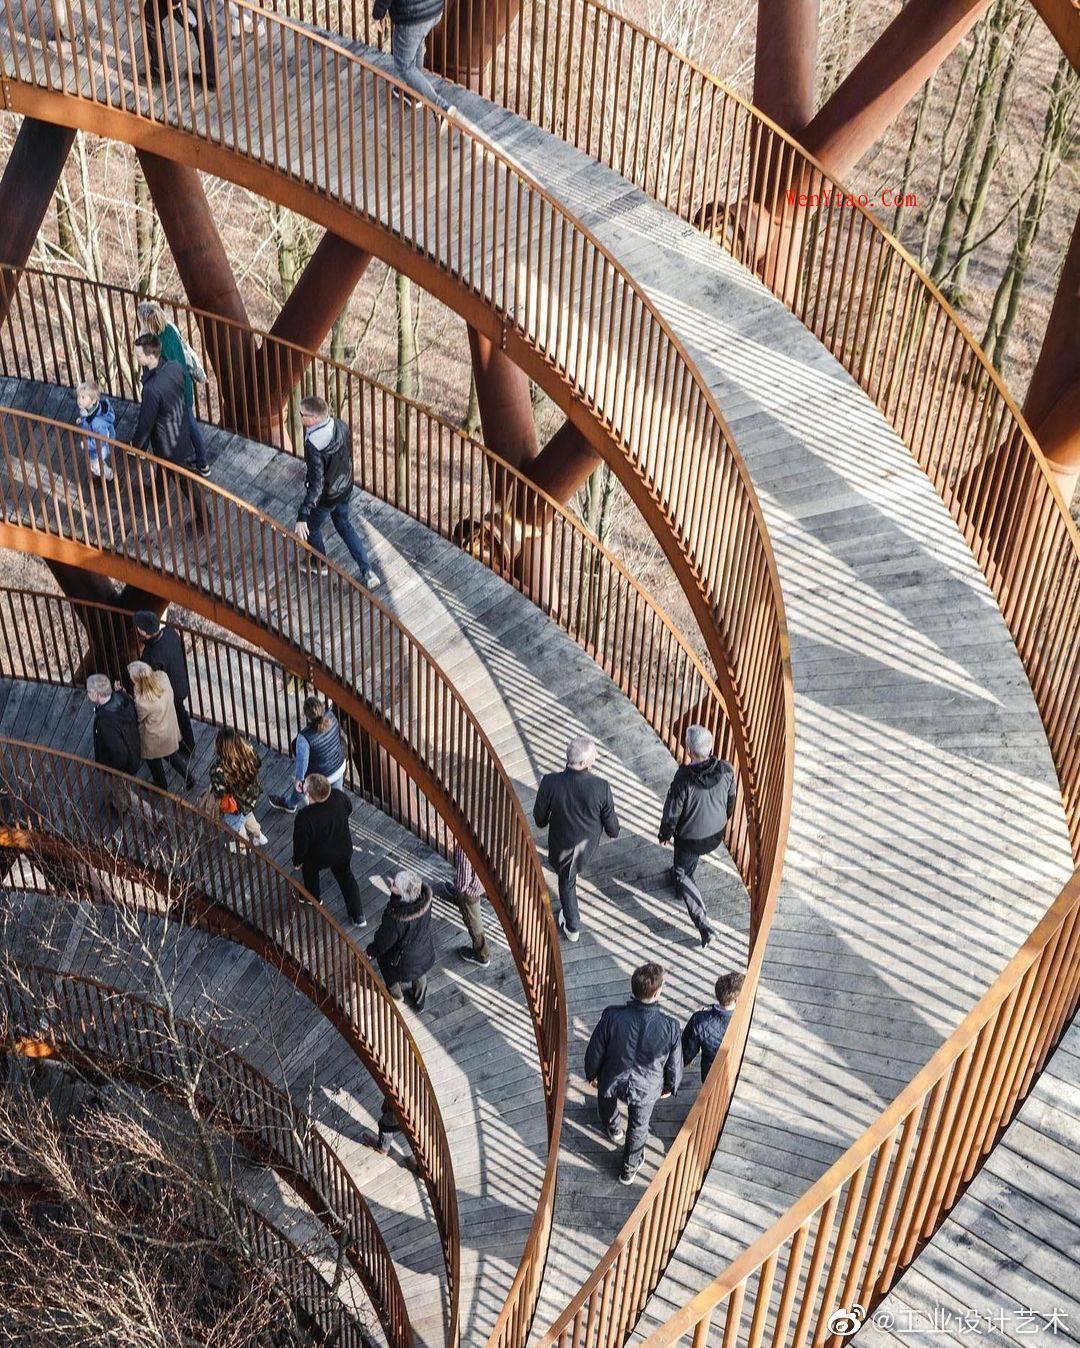 丹麥探險塔 |带你全视角一览丹麦,丹麥探險塔 |带你全视角一览丹麦 工业设计艺术 第8张,丹麥探險塔,工业设计艺术,第8张